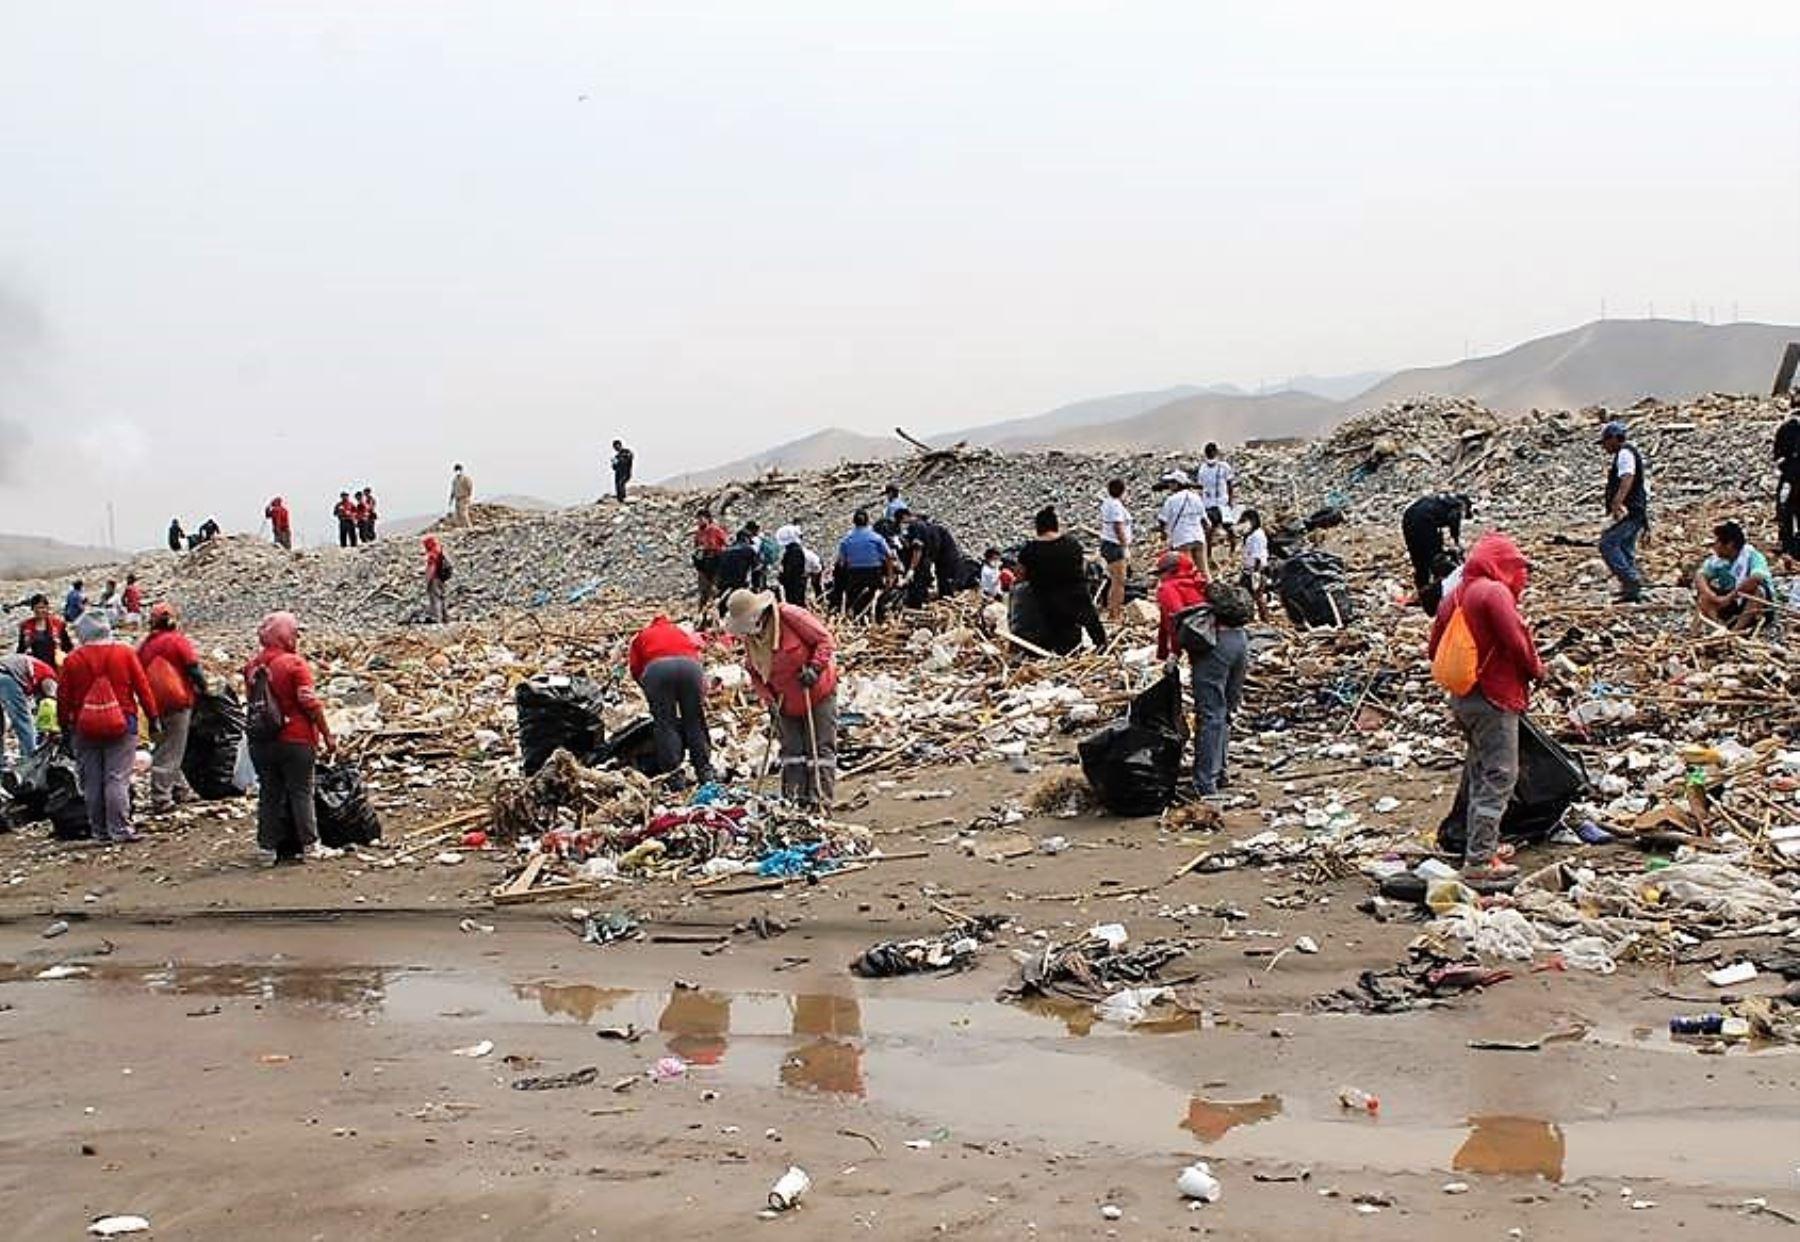 Voluntarios recogieron más de 4 toneladas de basura de playa Márquez en Callao. Foto: ANDINA/Difusión.